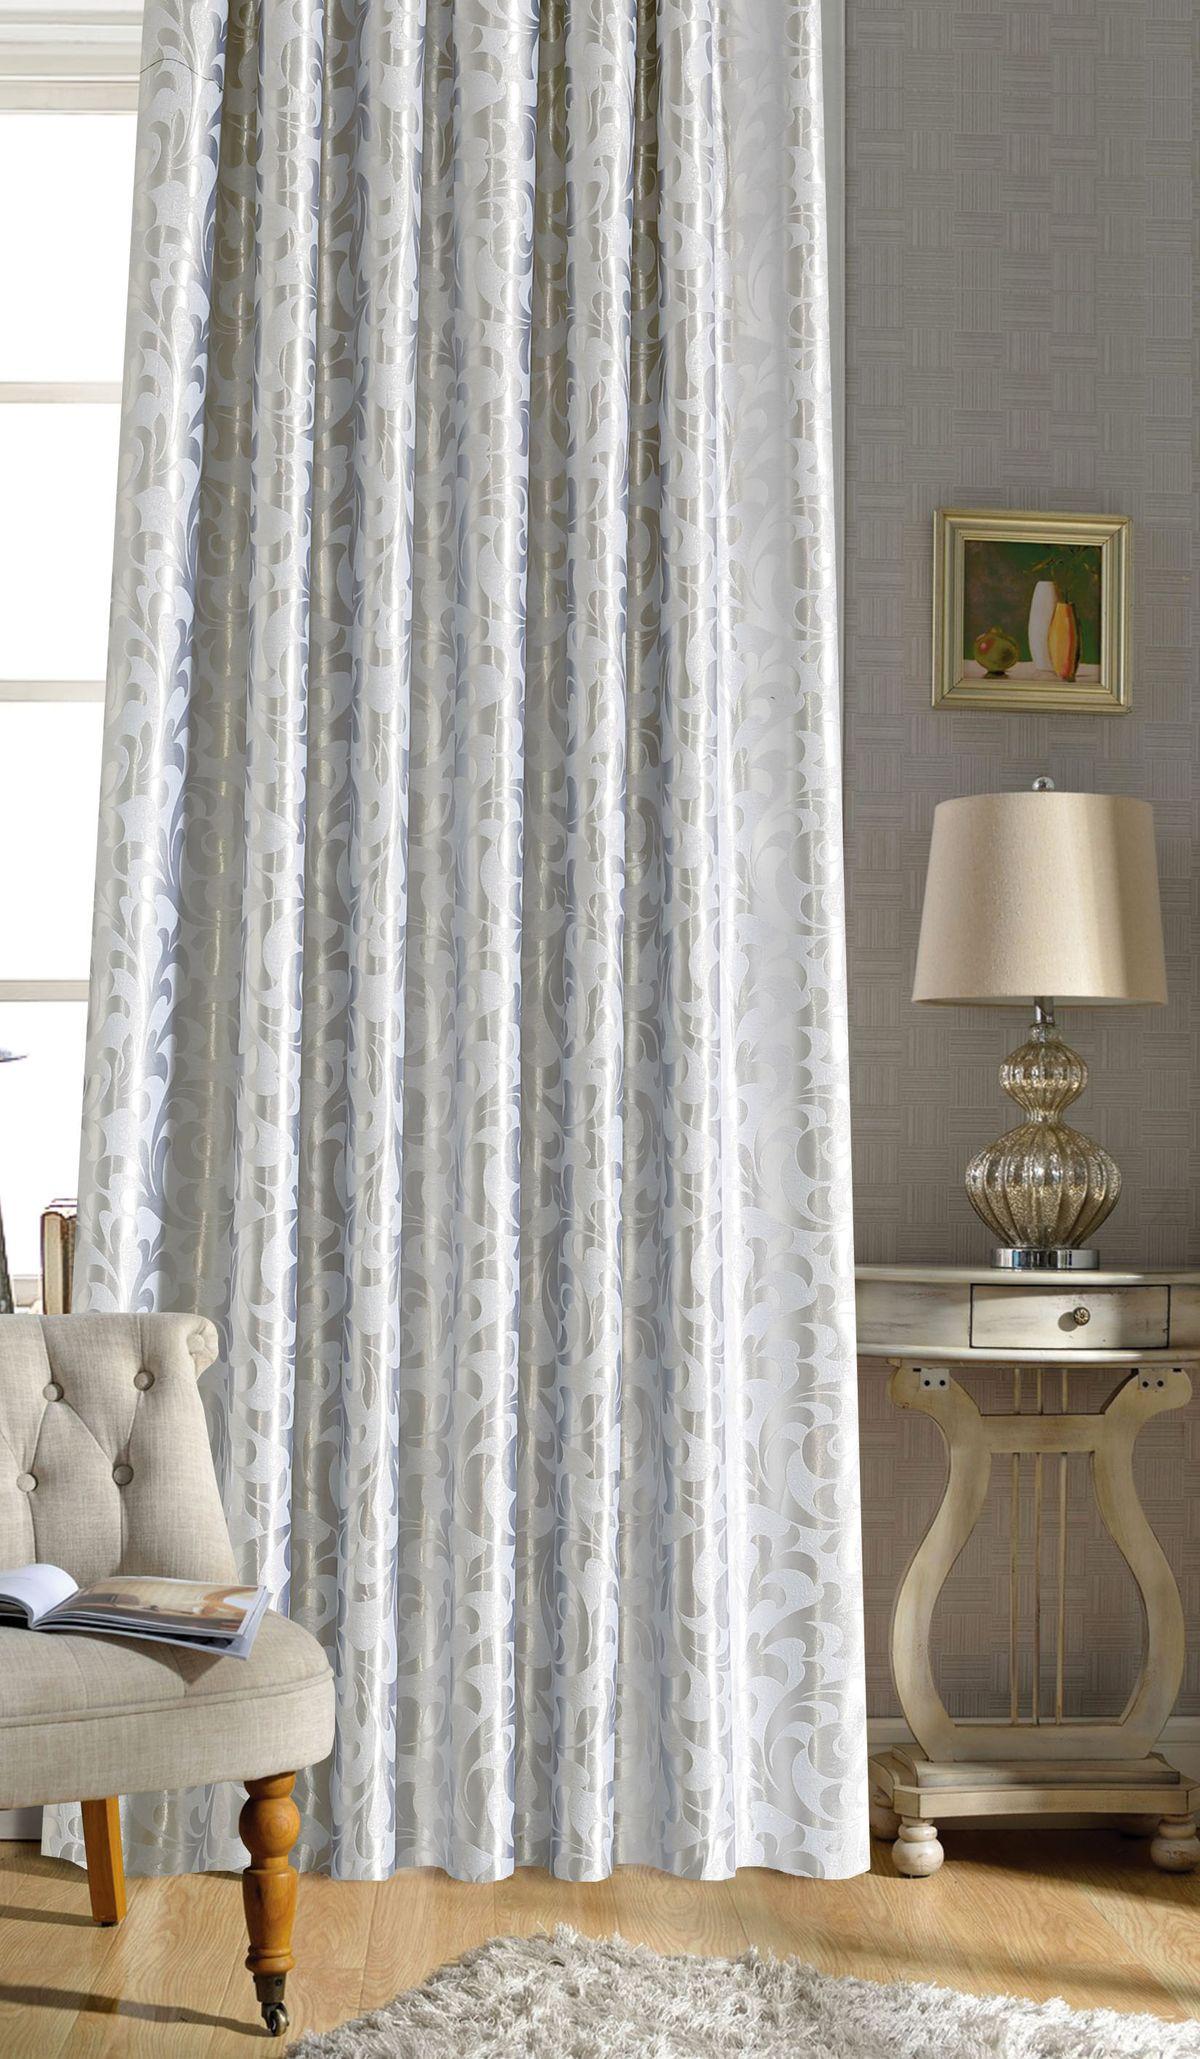 Штора готовая Garden, на ленте, цвет: серый, высота 260 см. С 537391 180x260 V1HP8115/5/1E Эльфина розово-фиолетов, , 300*260 смИзящная штора для гостиной Garden выполнена из плотной ткани - жаккард блэкаут, она очень плотная, свет практически не пропускает.Приятная текстура и цвет привлекут к себе внимание и органично впишутся в интерьер помещения.Штора крепится на карниз при помощи ленты, которая поможет красиво и равномерно задрапировать верх.